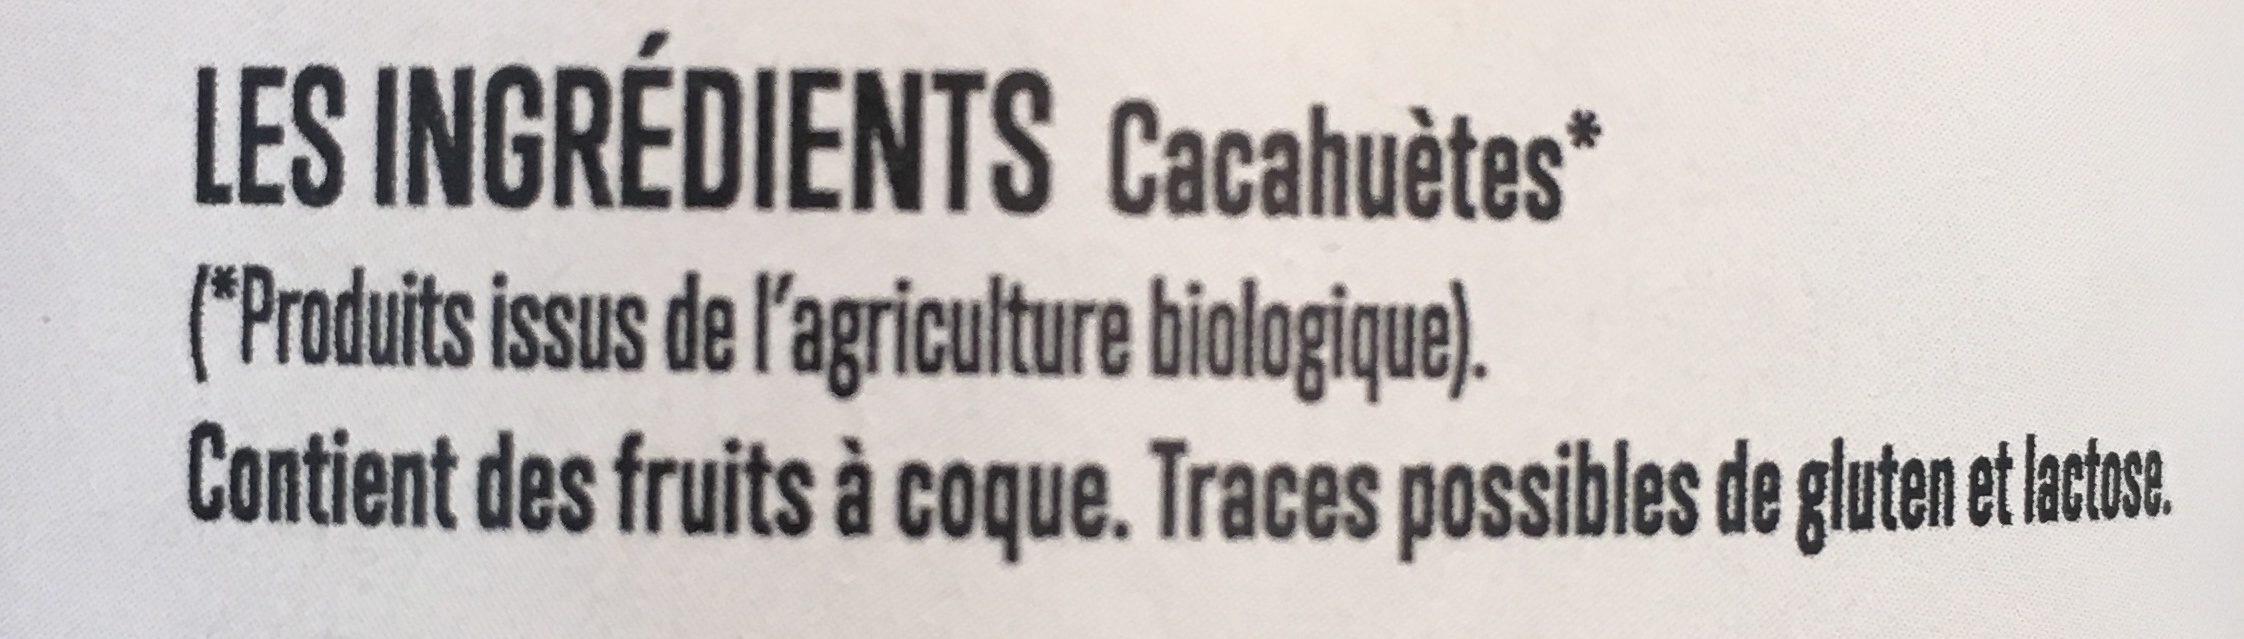 Beurre de cacahuètes - Ingredients - fr